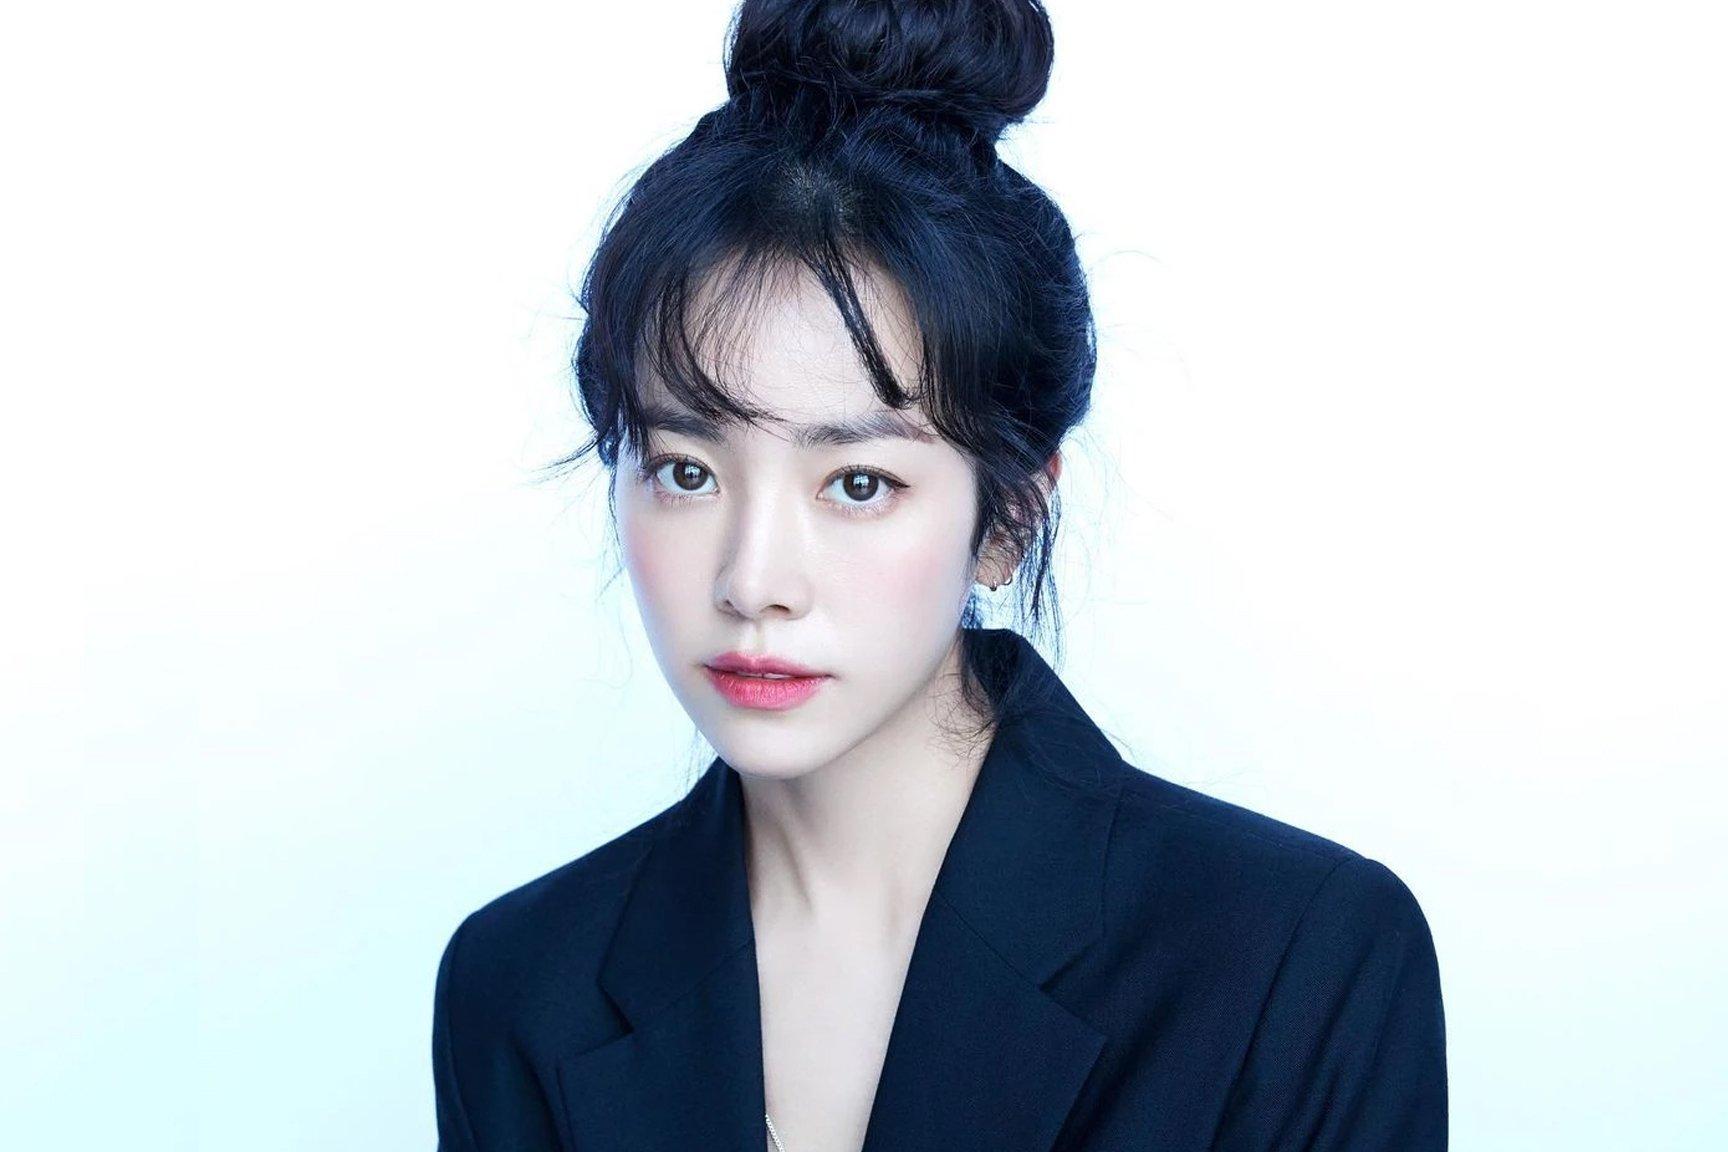 8 mỹ nhân hack tuổi thần sầu của phim Hàn: Son Ye Jin trẻ mãi không già, Jang Nara như ăn thịt Đường Tăng - Ảnh 21.